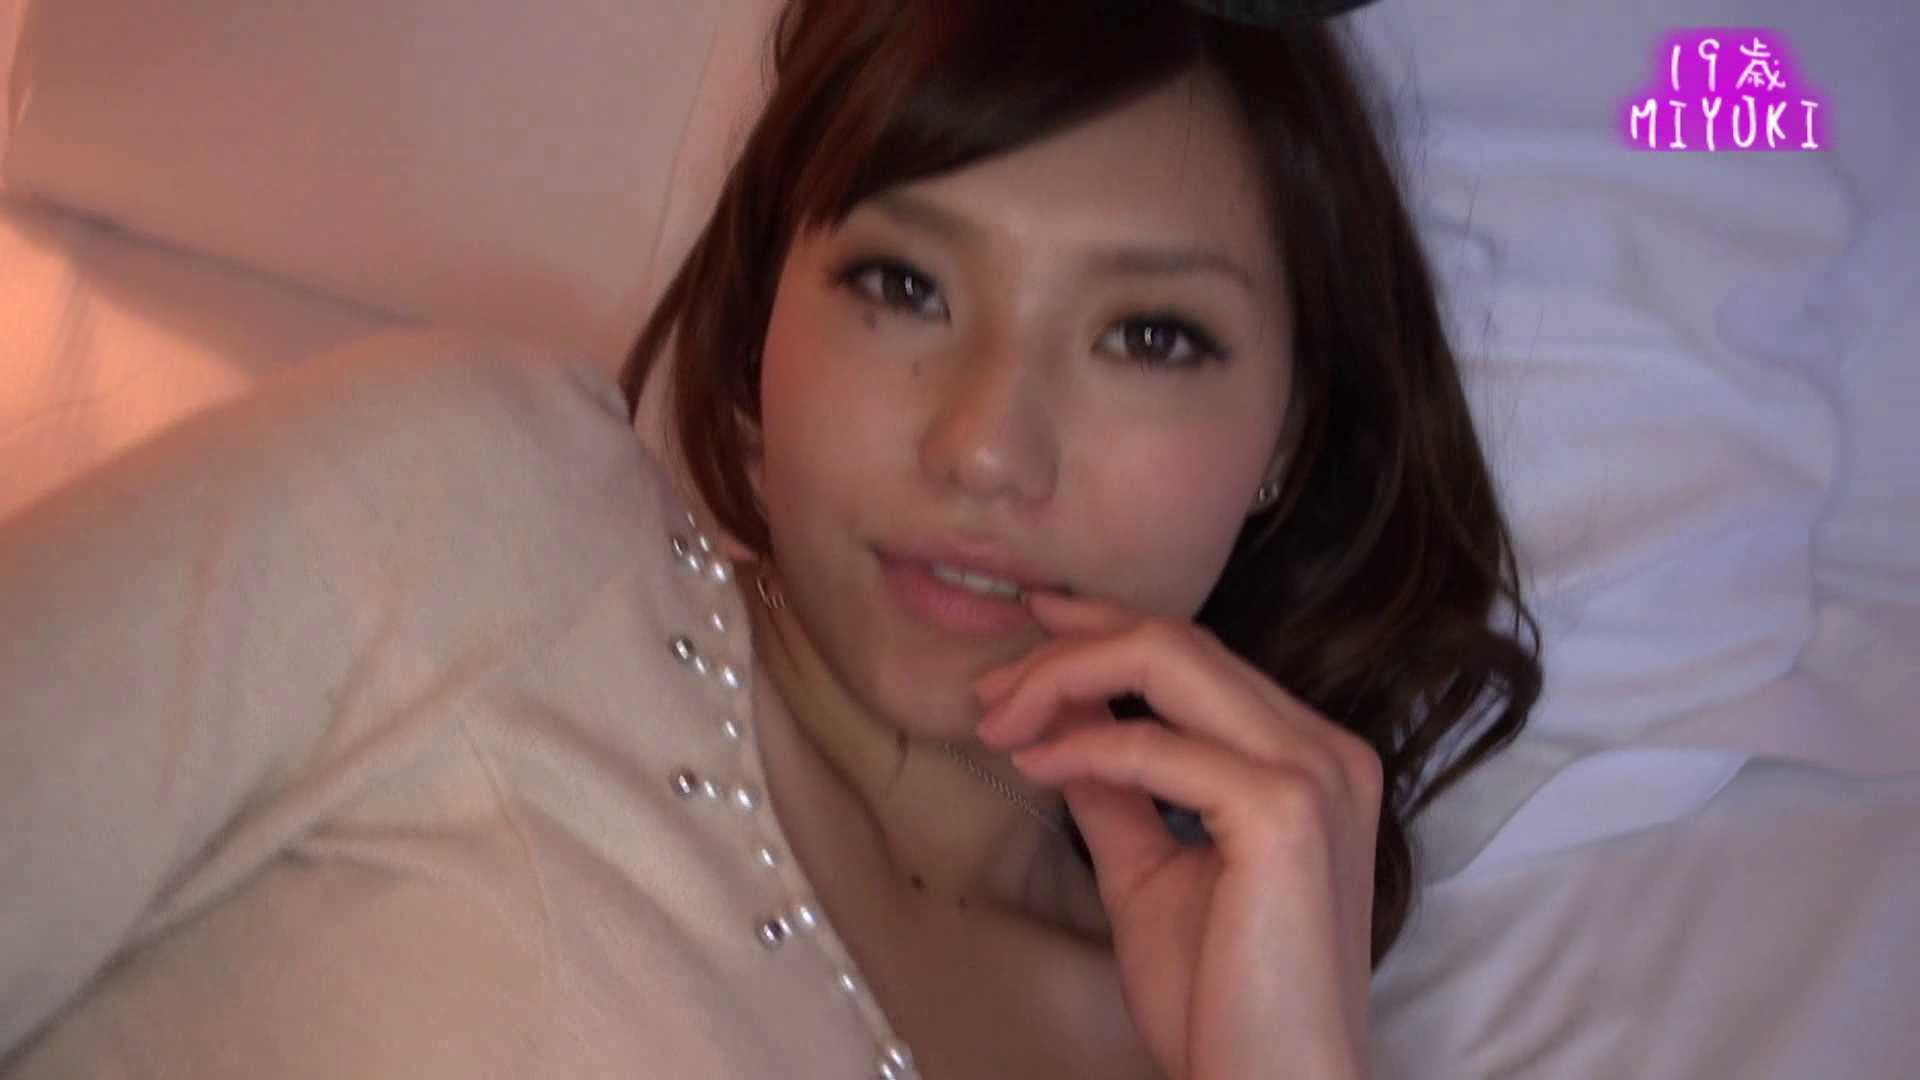 カメラテストを兼ねて、MIYUKIちゃんのイメージ撮影 素人流出動画  83枚 54